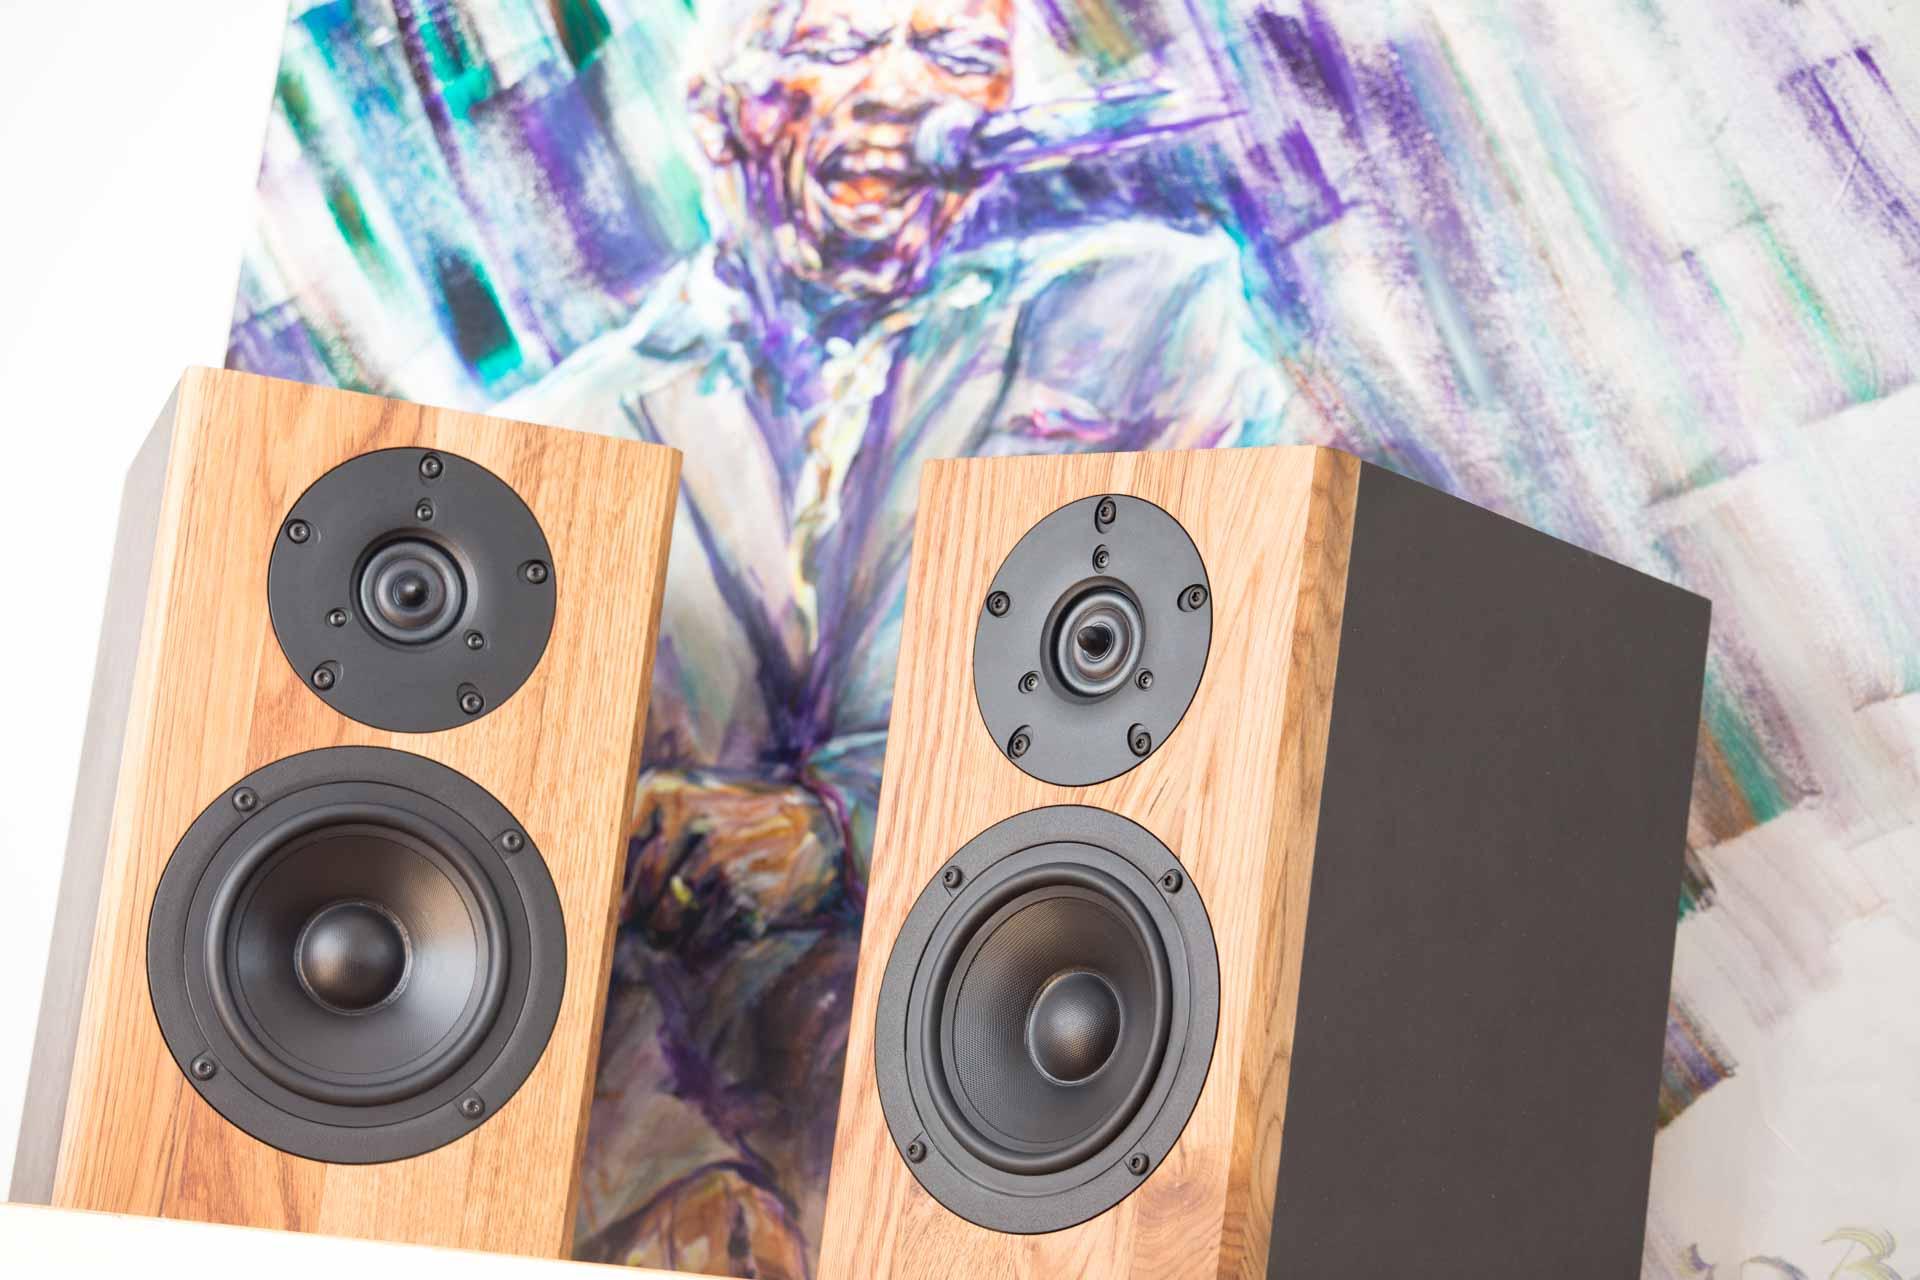 Vitru_Akustik_Kompaktbox_2021-4